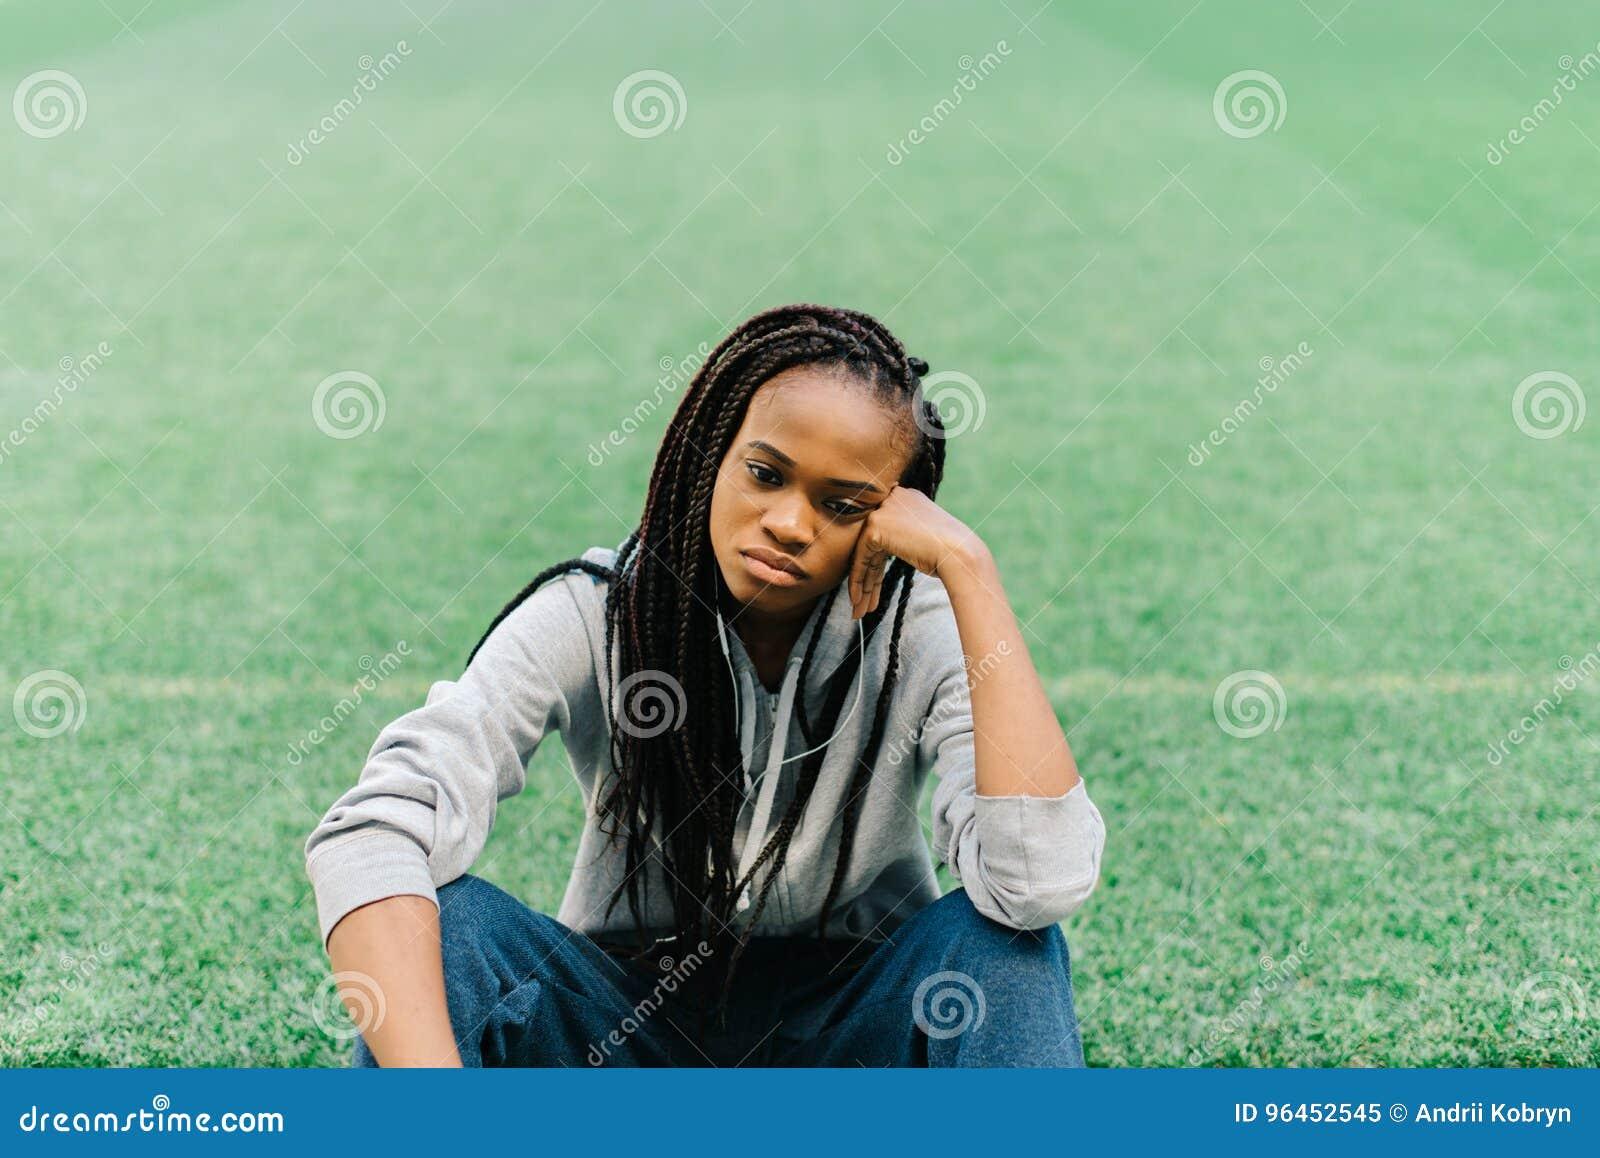 De verstoorde Afro-Amerikaanse tiener zit op het gras en leunt op haar hand